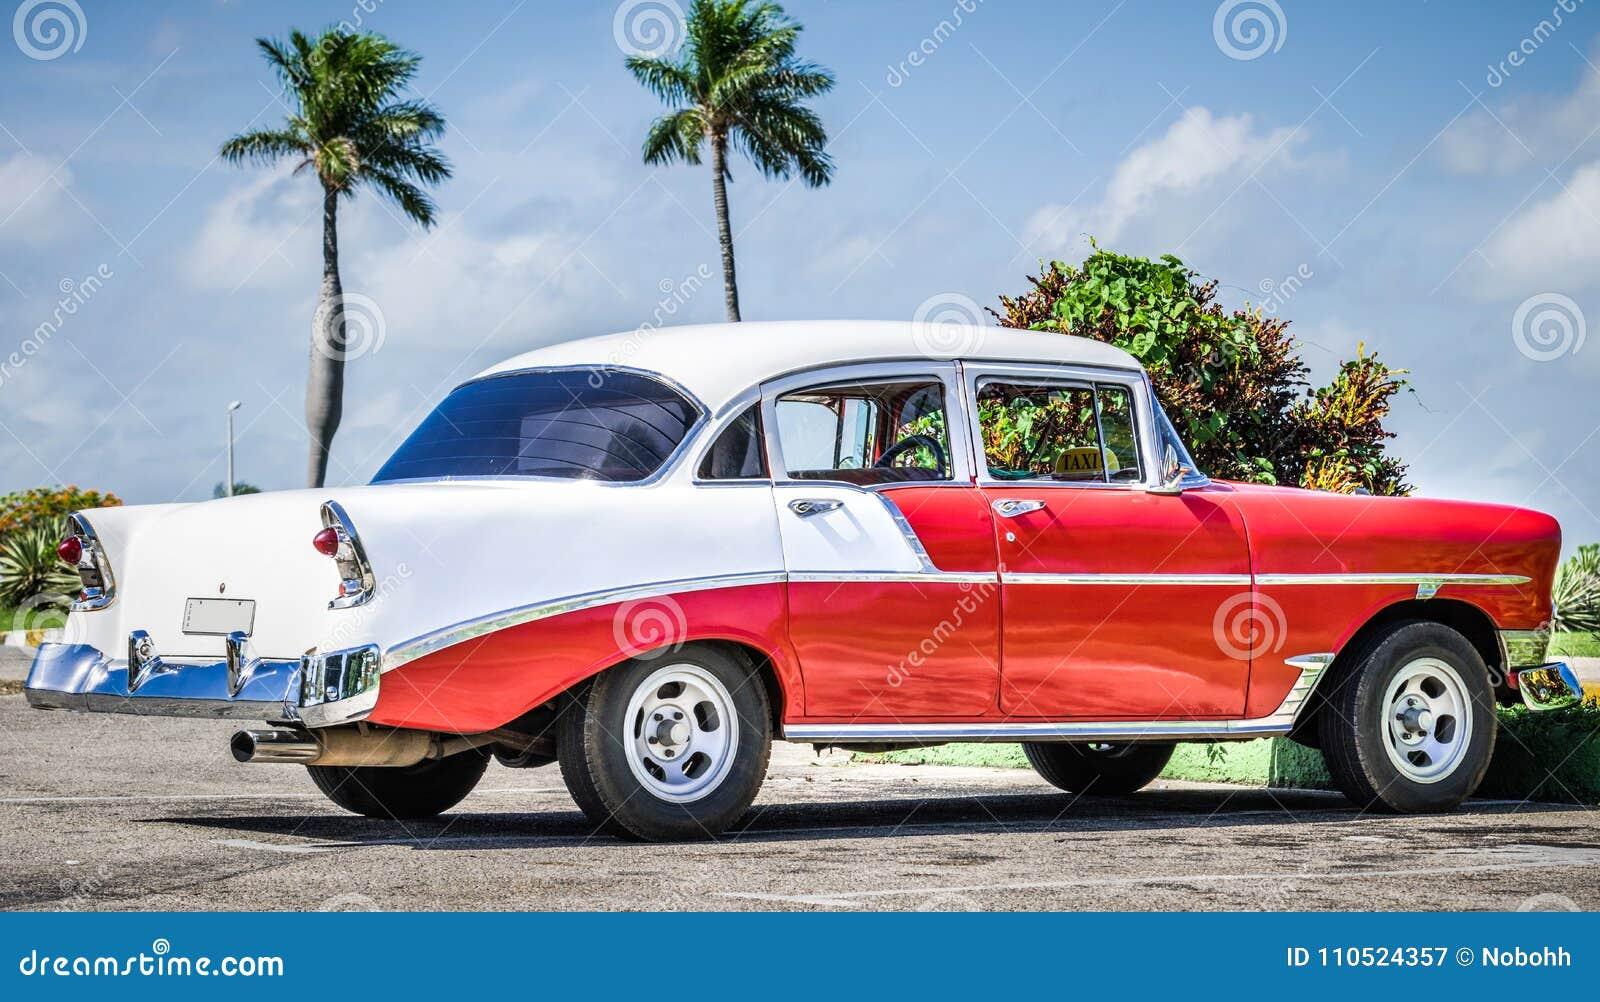 HDR - Amerykański czerwony biały klasyczny samochód parkujący w Varadero Kuba, Seria Kuba reportażu -